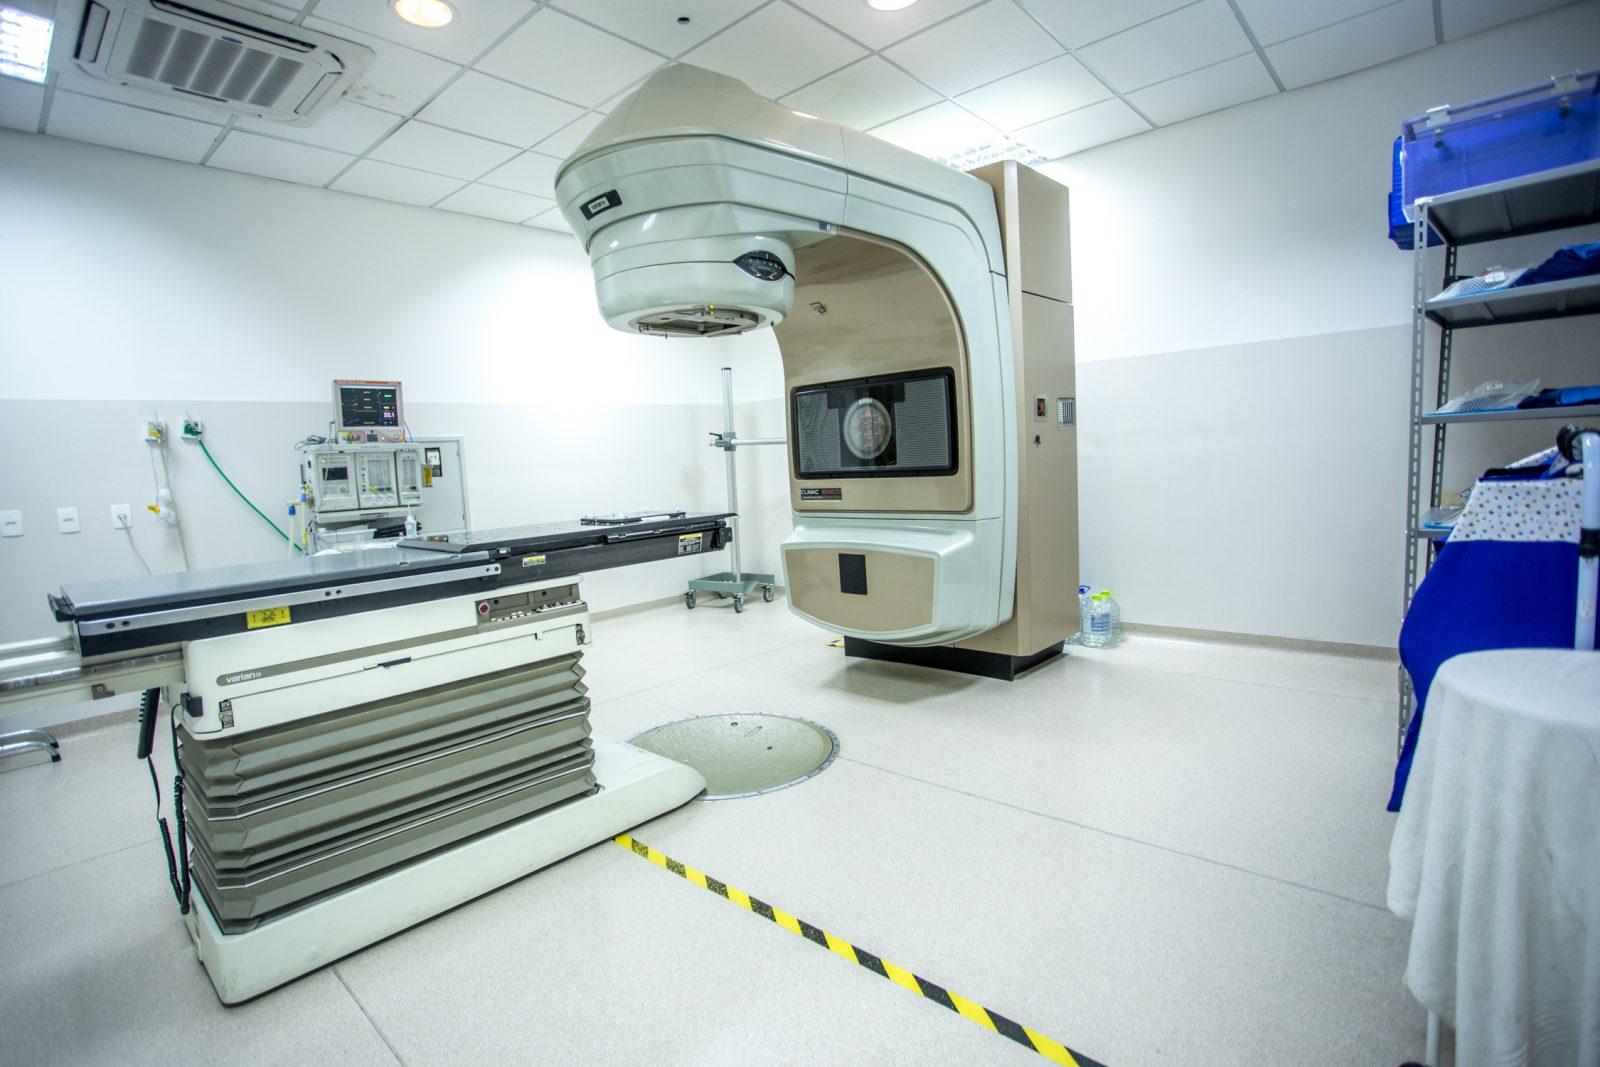 lcr 2777 1 - Um pouco do nosso Centro de Radioterapia